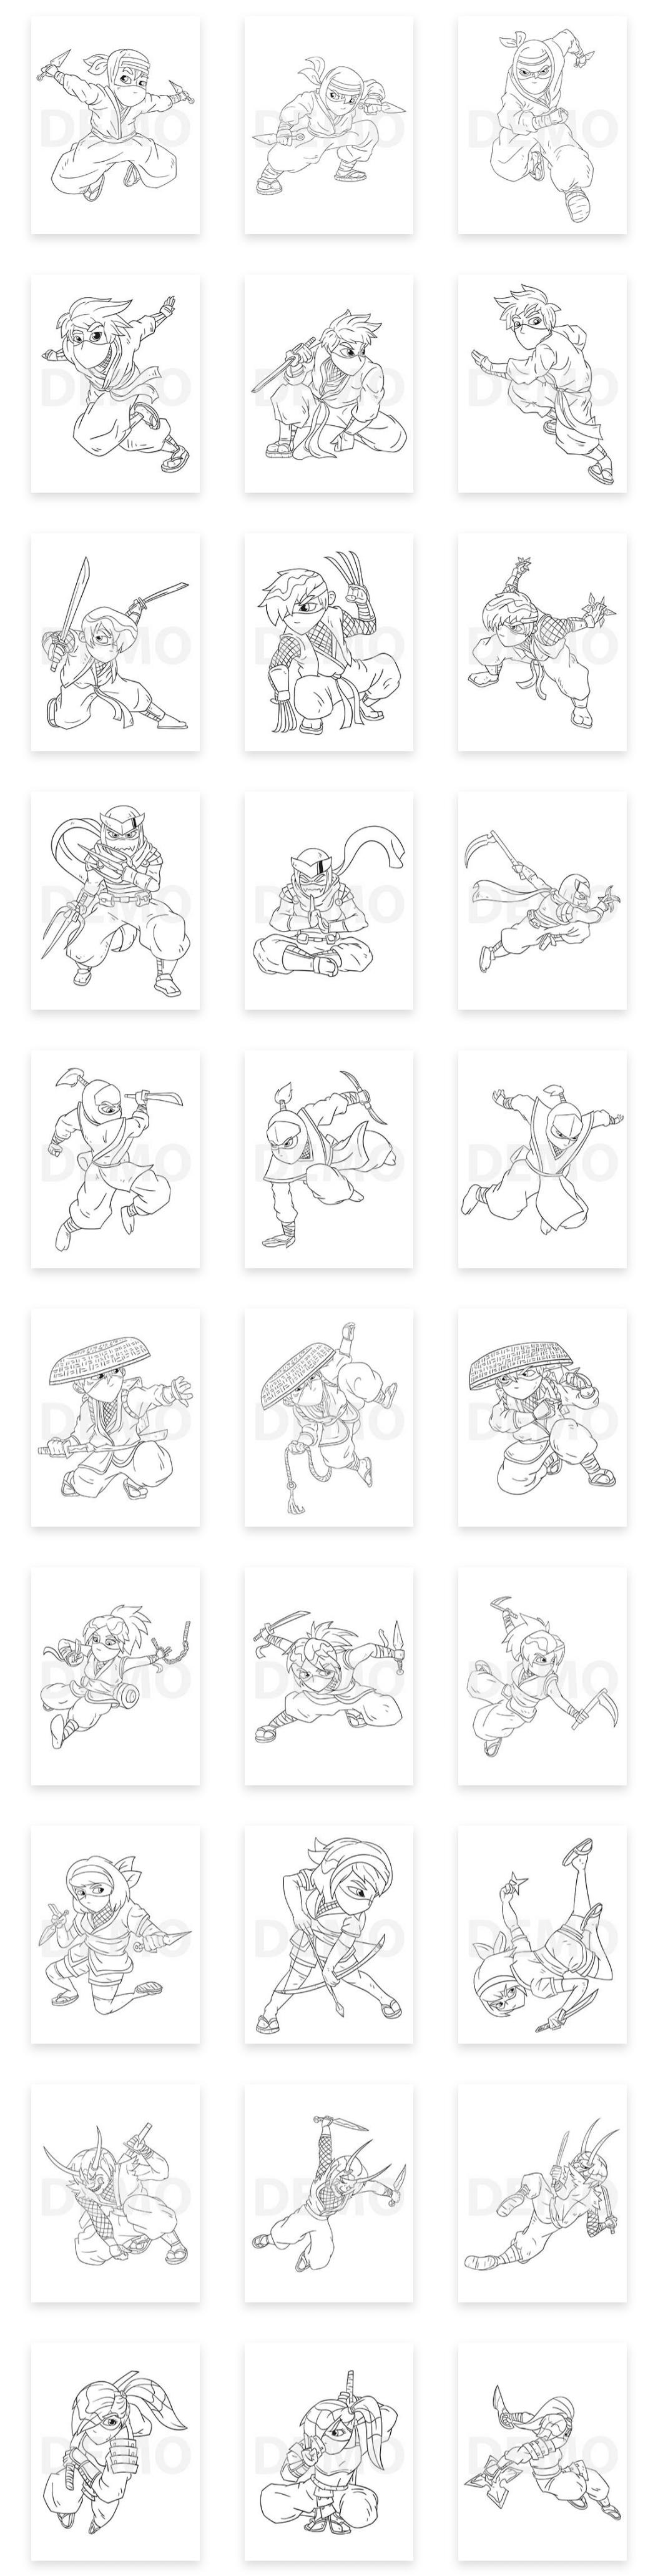 Ninja-Coloring-Pack-2